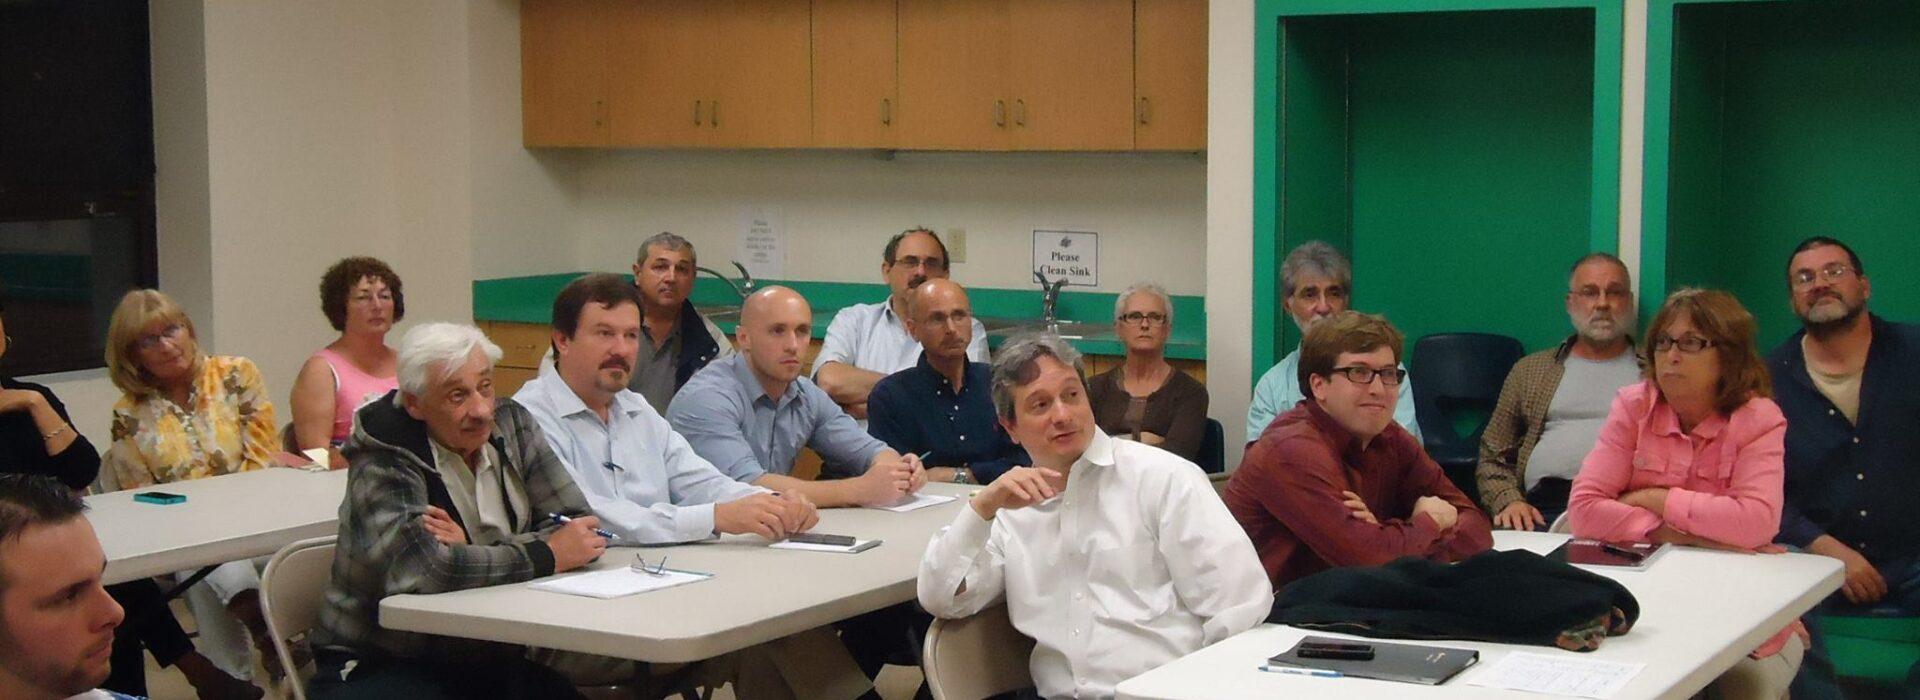 Members of CTPOA